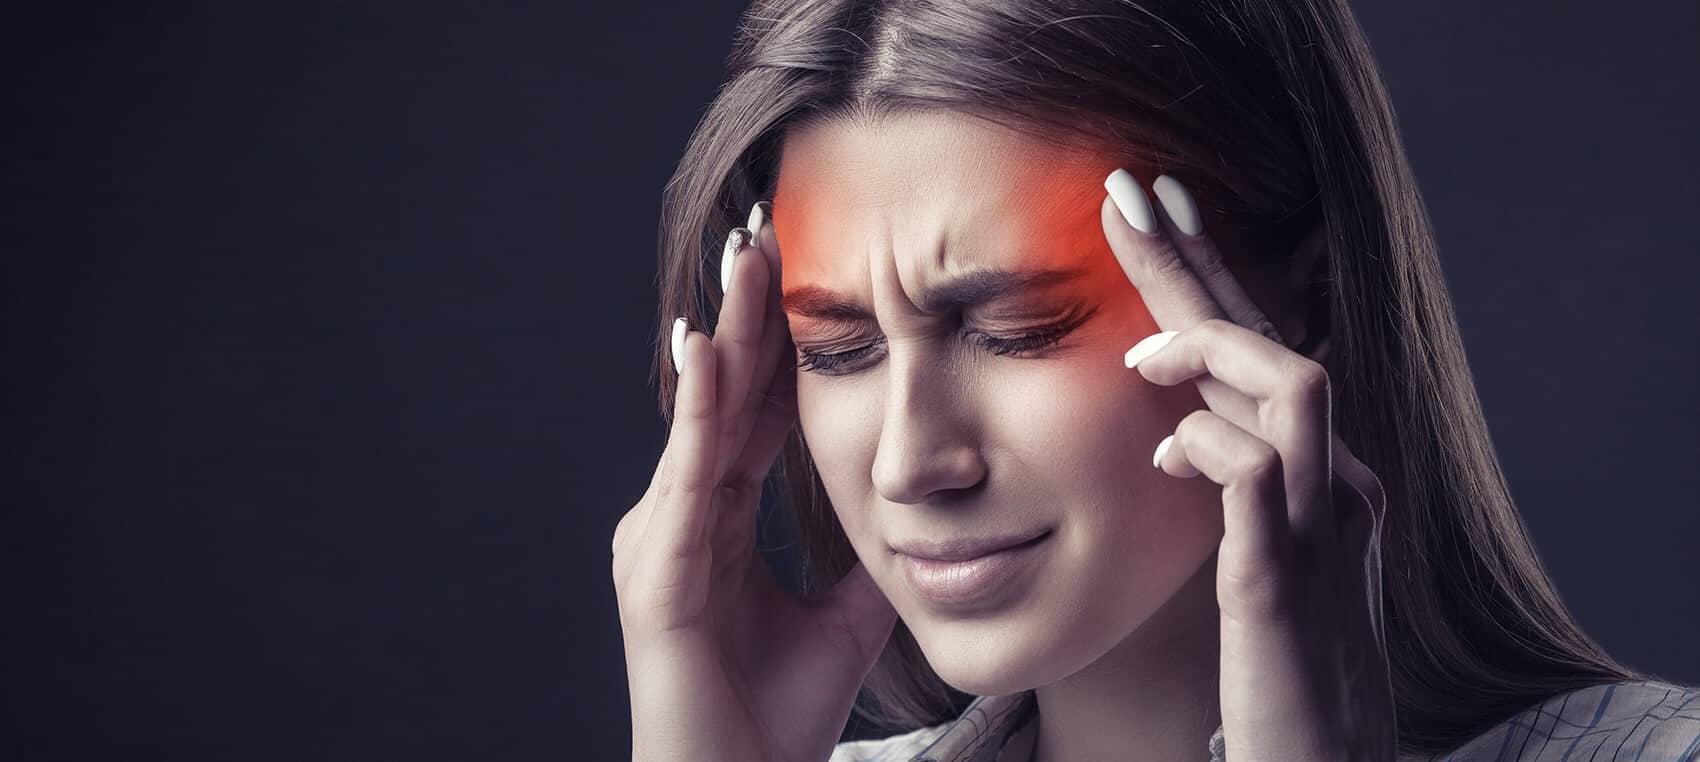 migraine-headache-iv-therapy